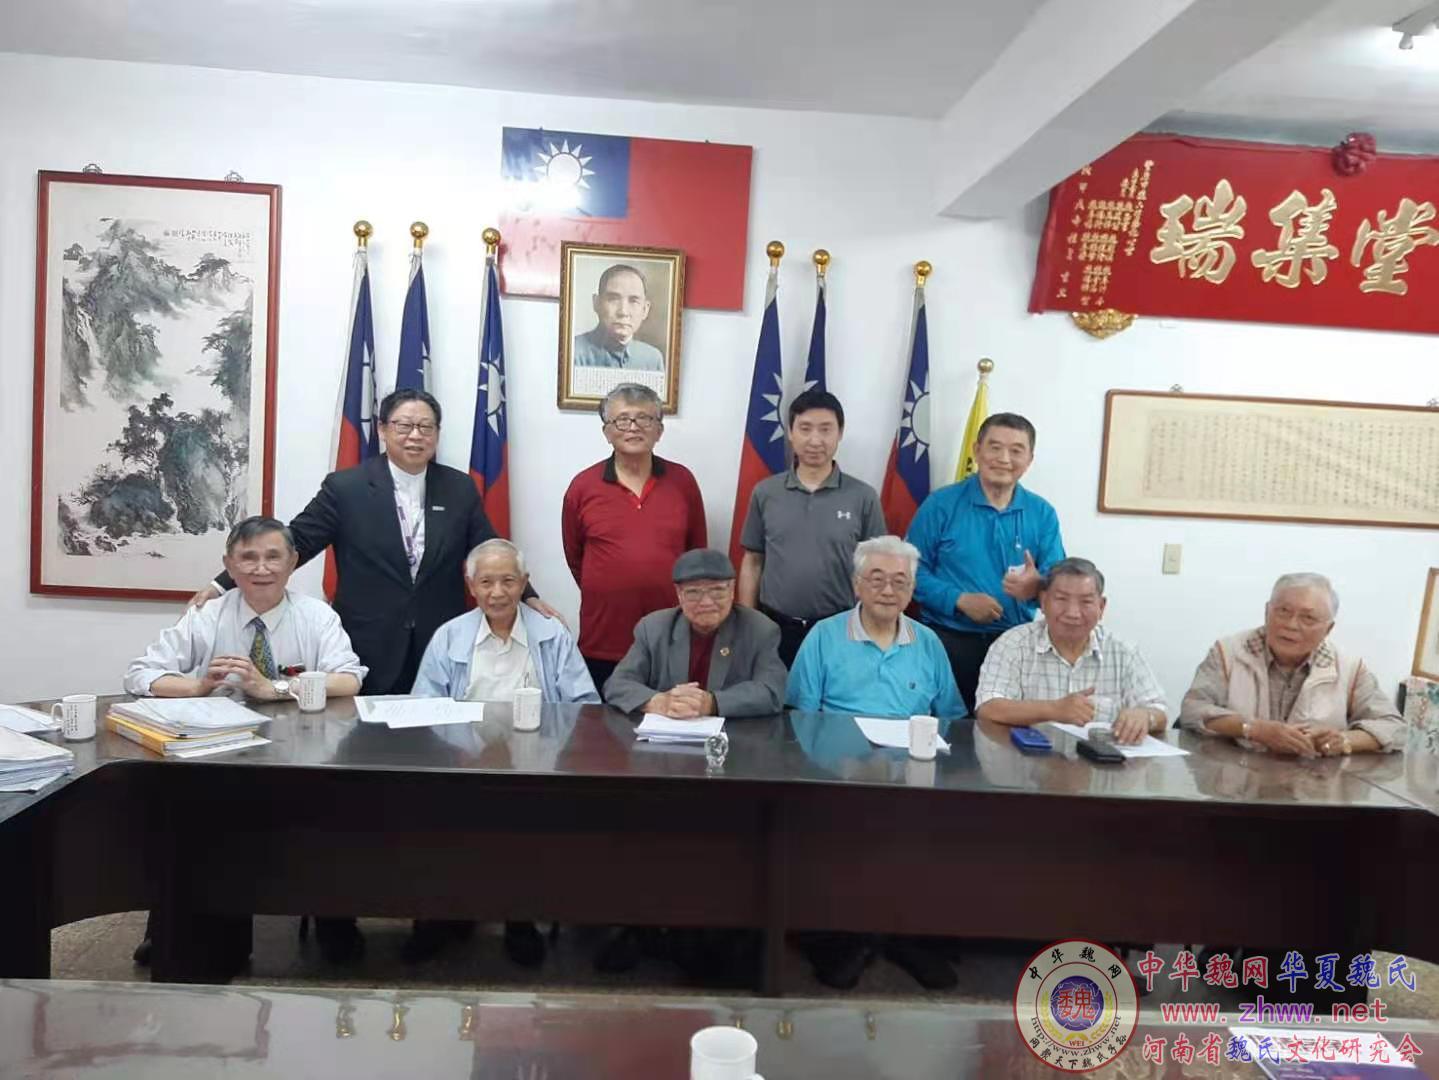 台北市魏氏宗親舉行會館整修竣工祭祖典禮及三會秘書處聯席會議